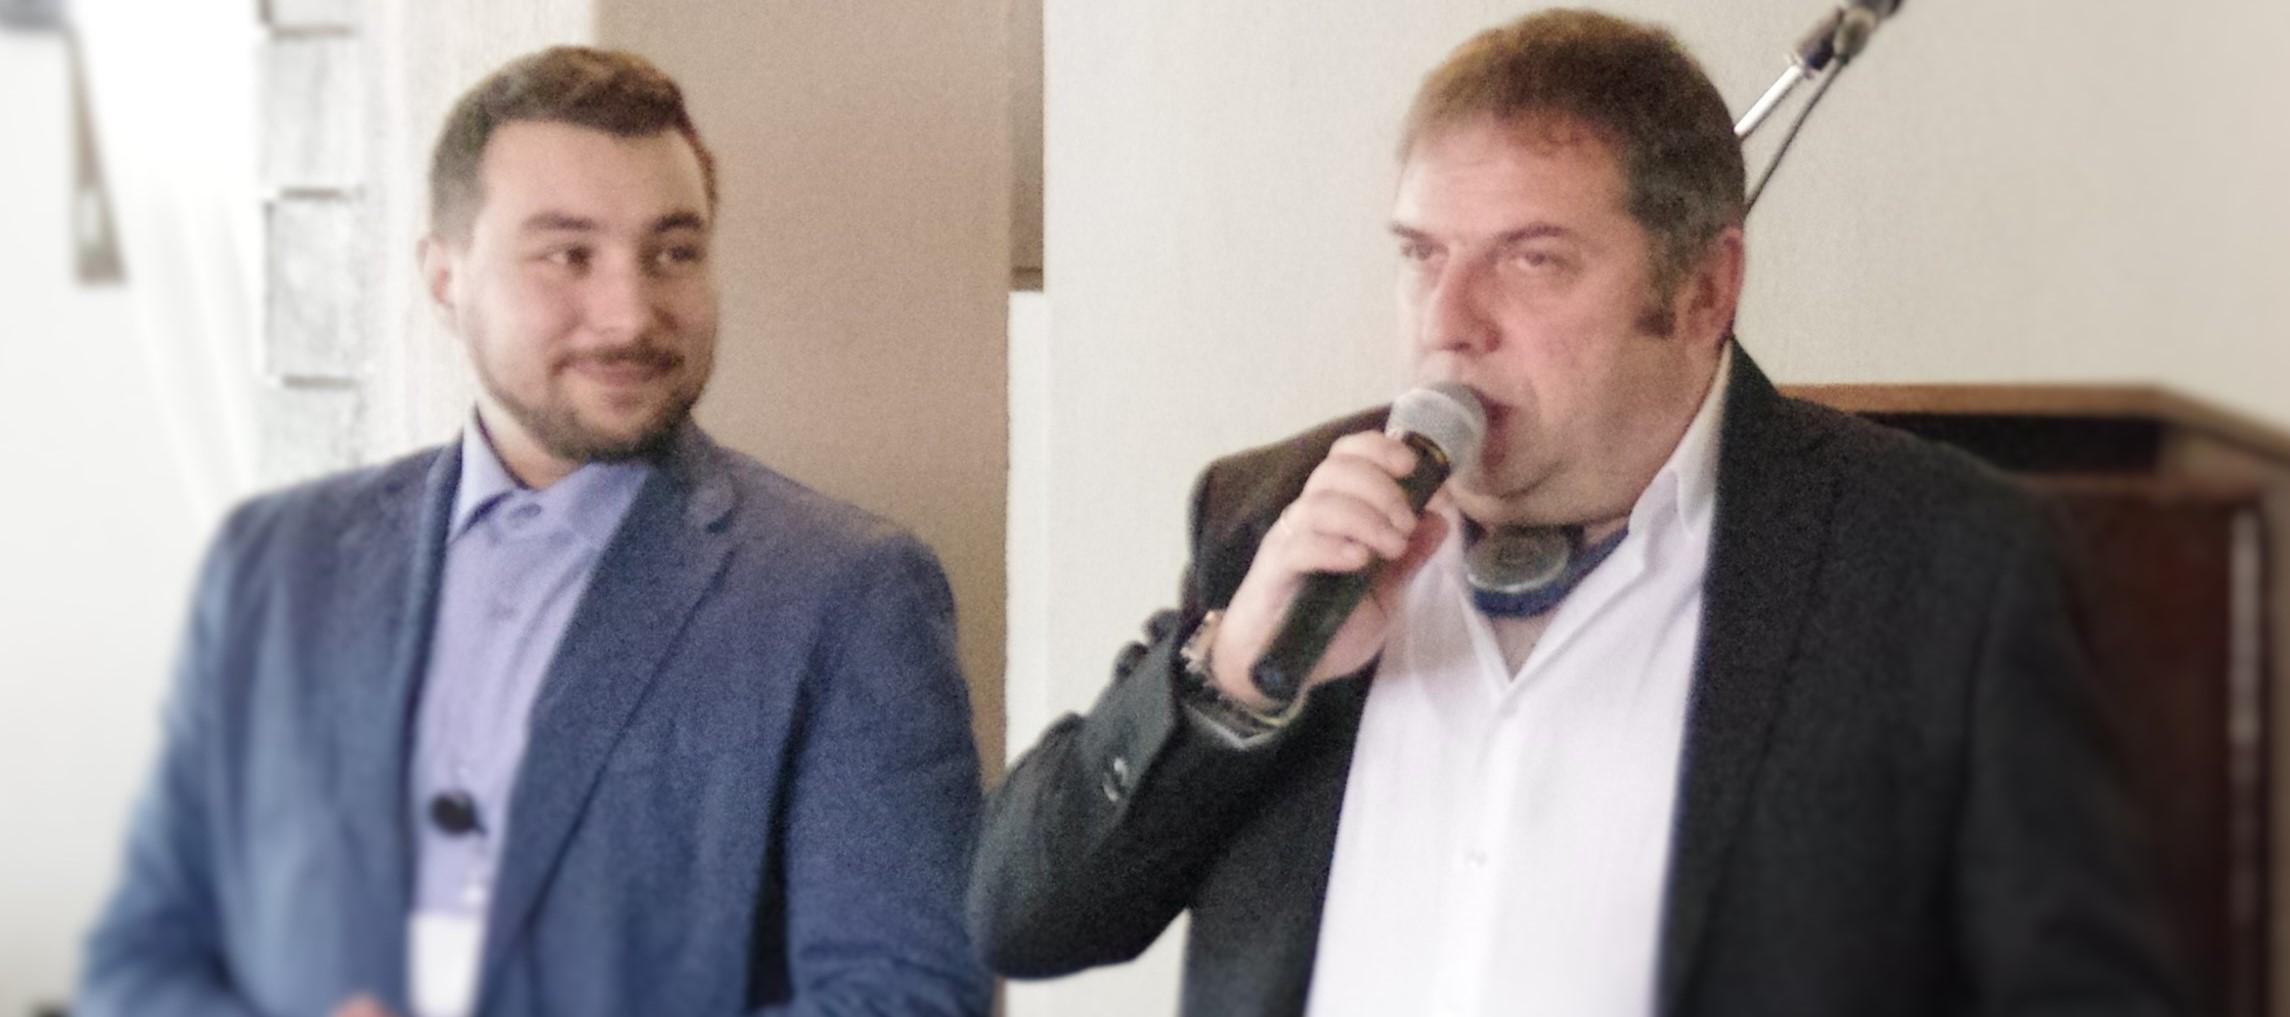 Βαγγέλης Στεφανίδης και Χαράλαμπος Καρπουχτσής